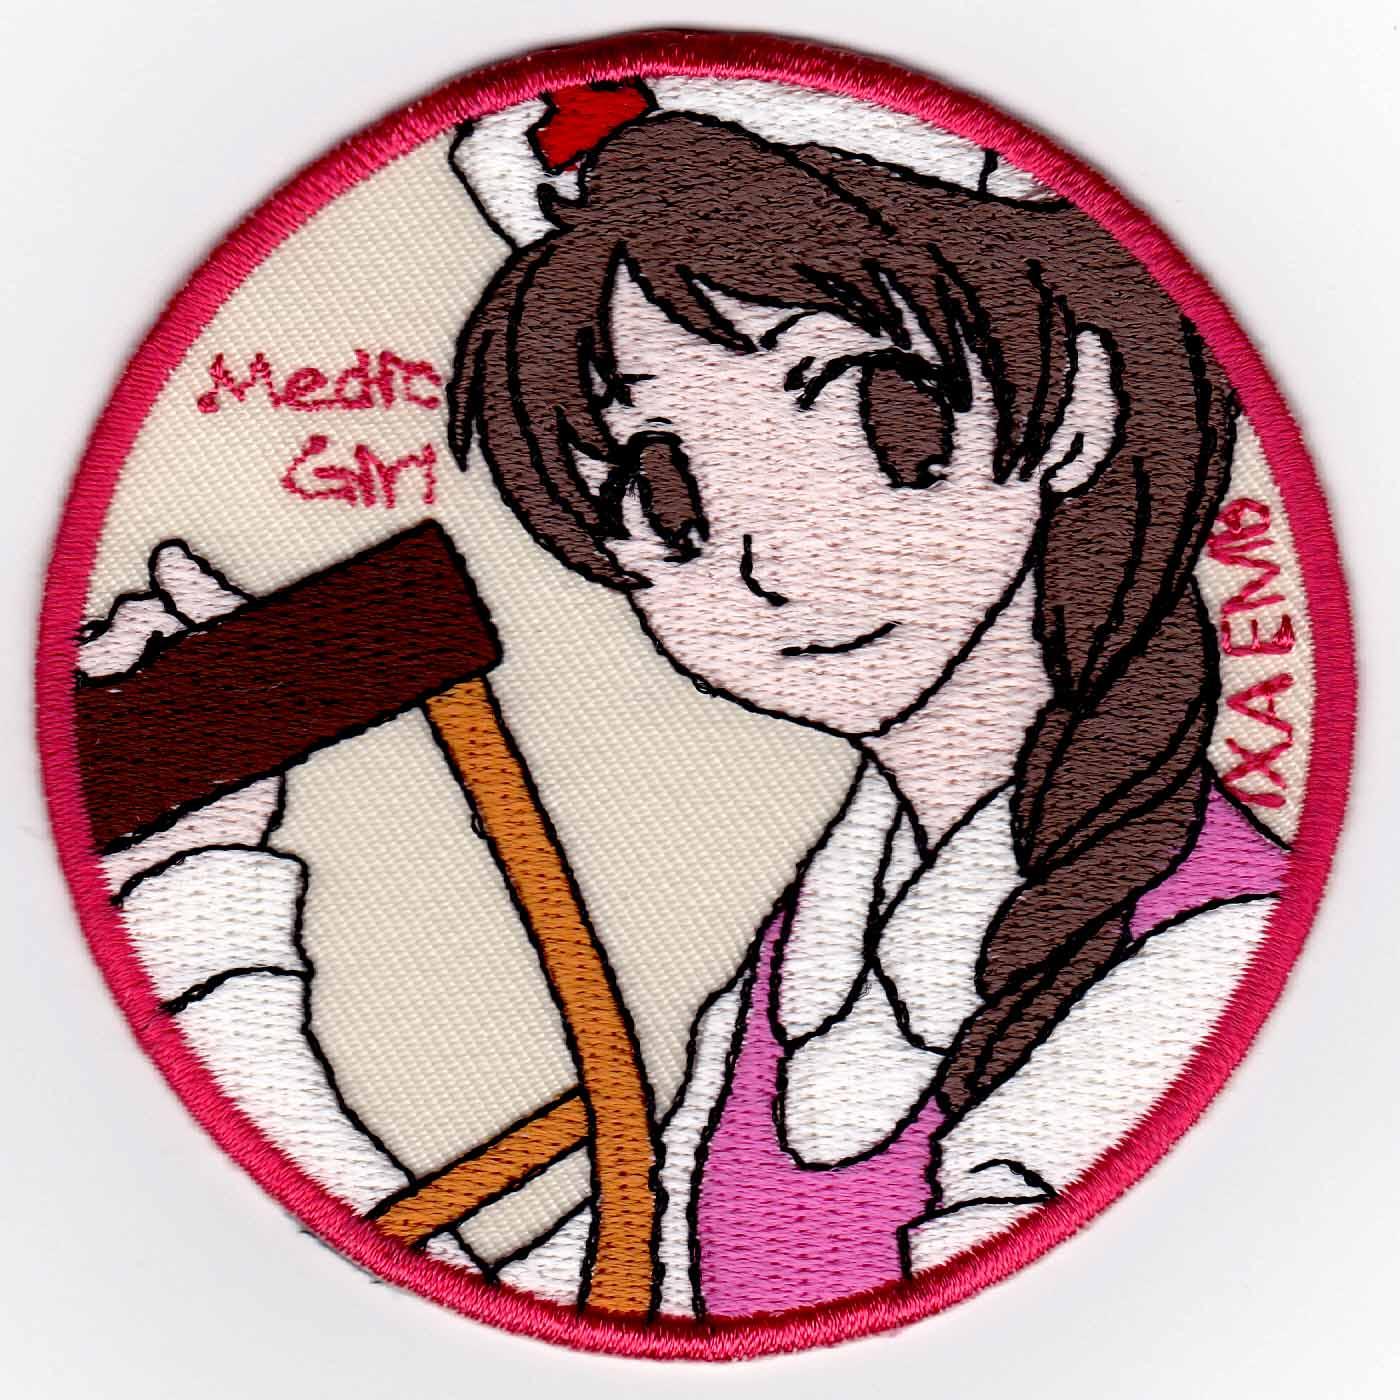 Medic Girl 松葉杖 パッチ